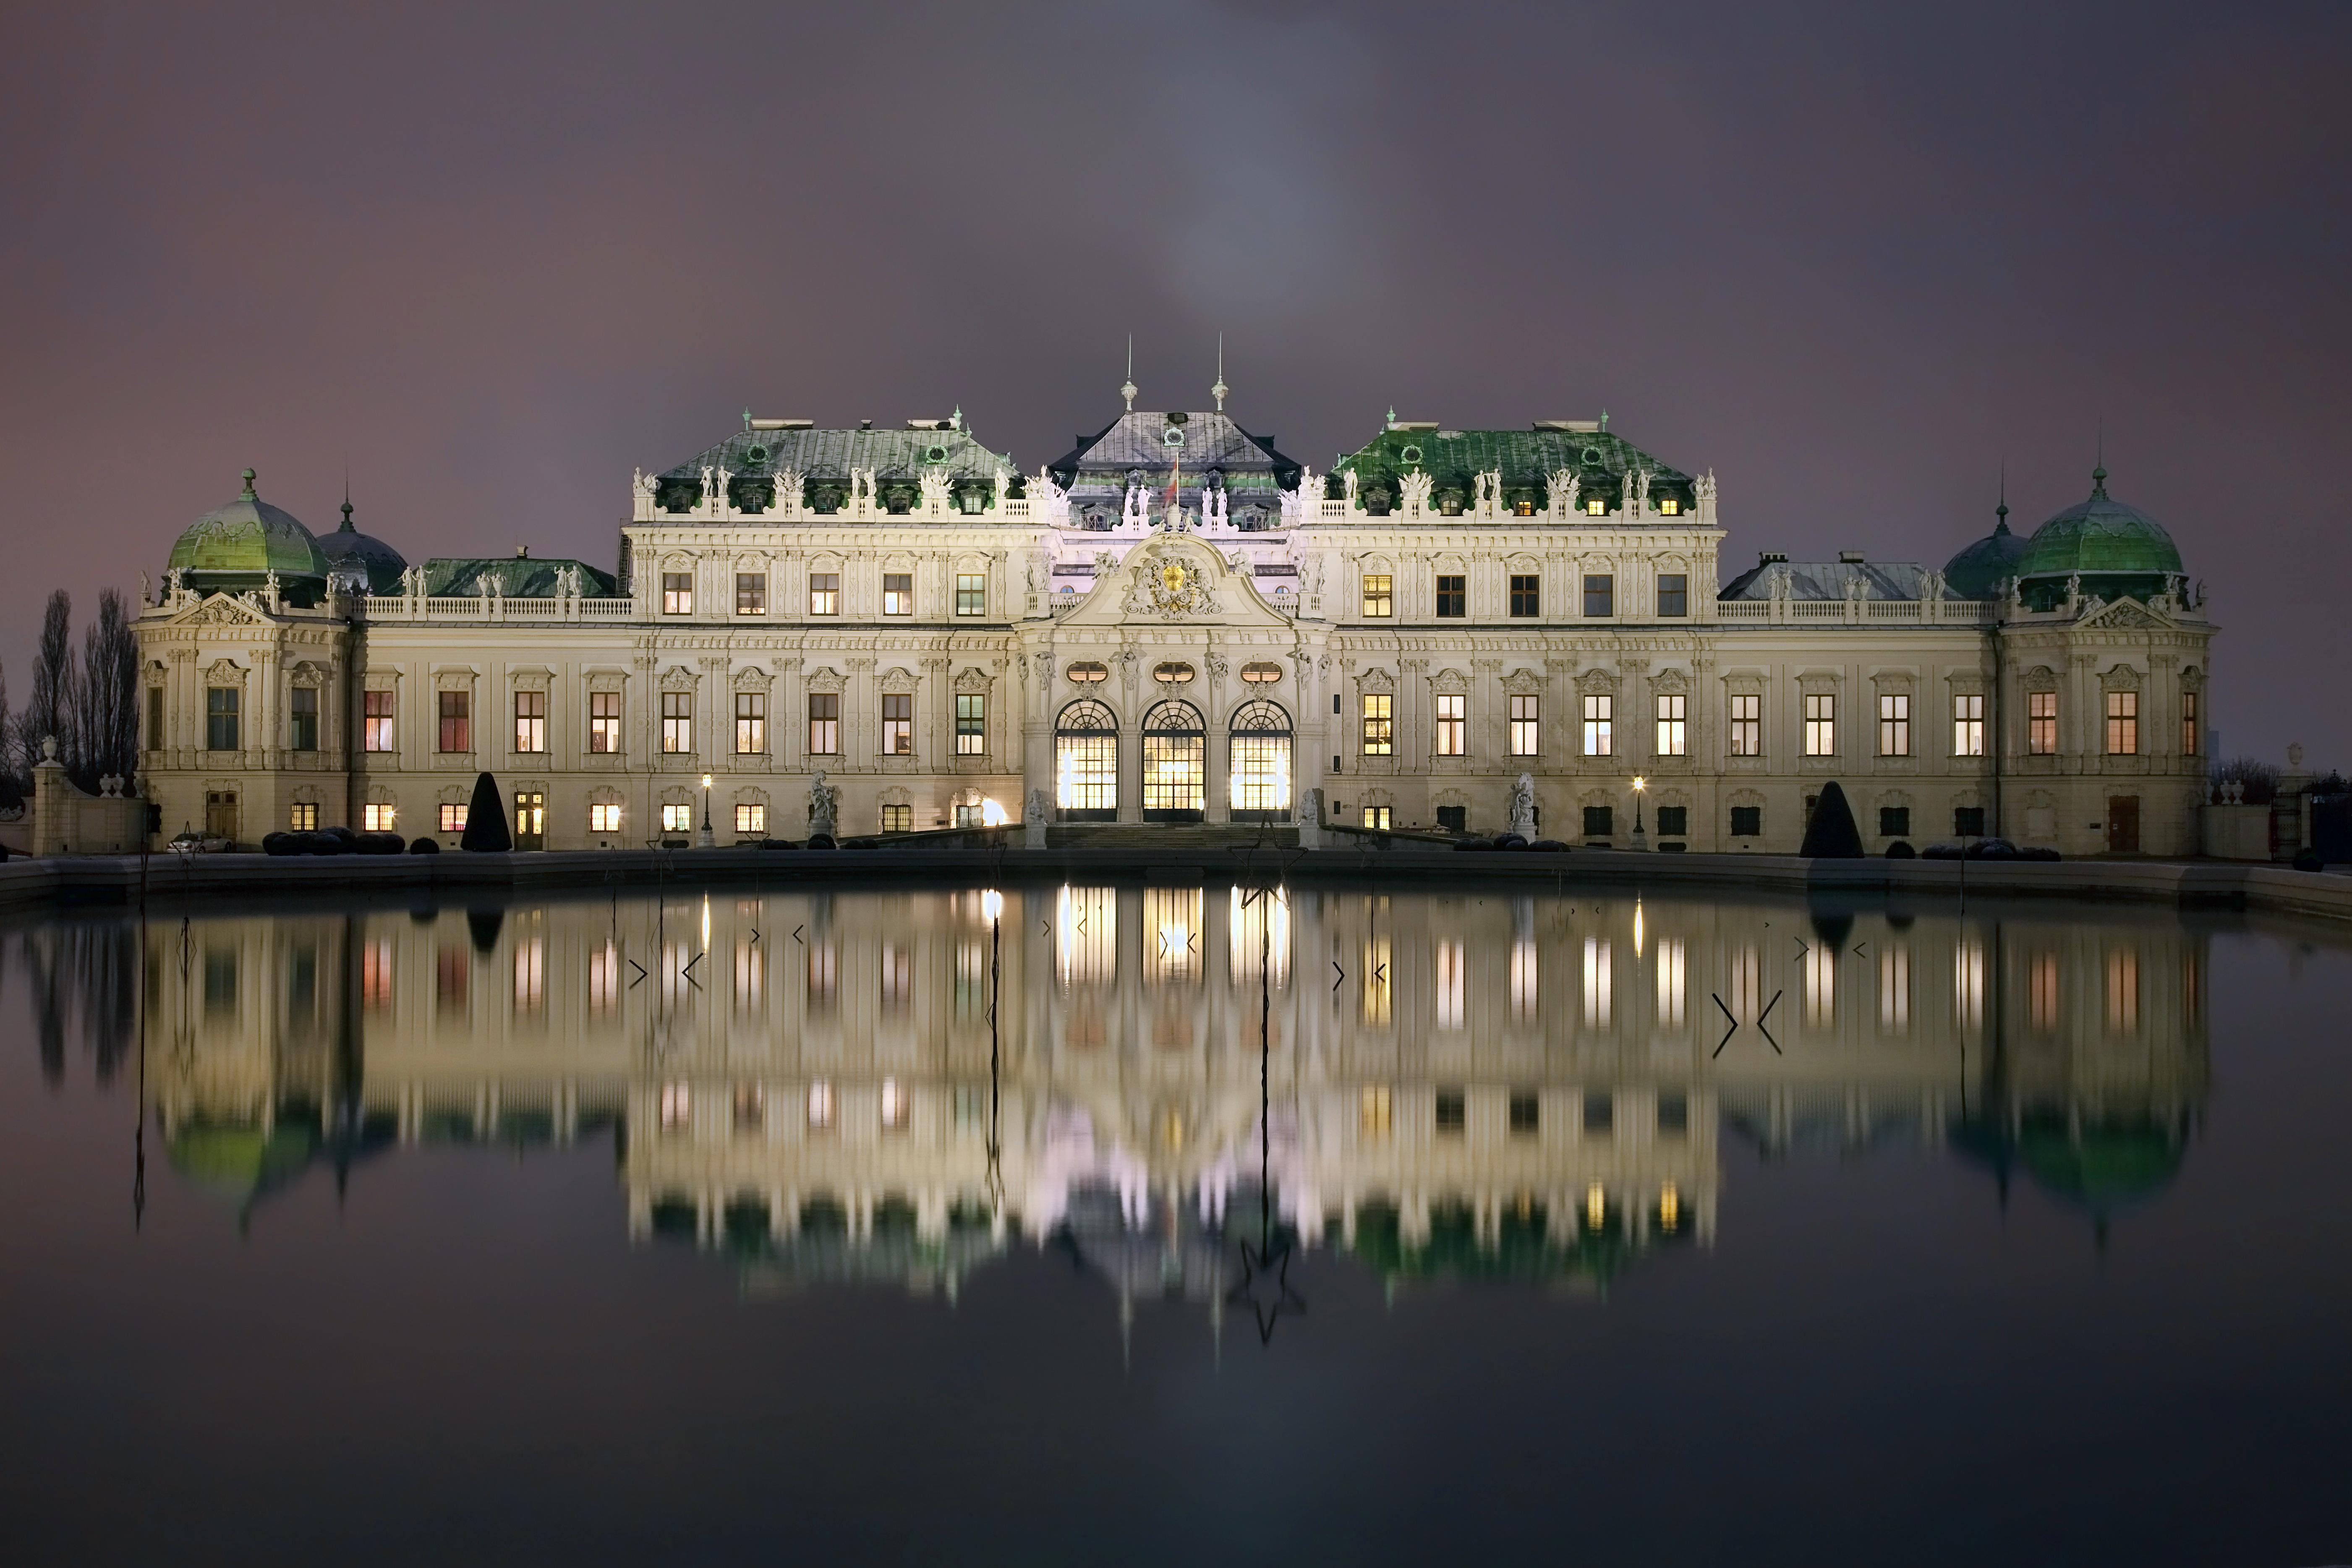 royal palace hd wallpaper